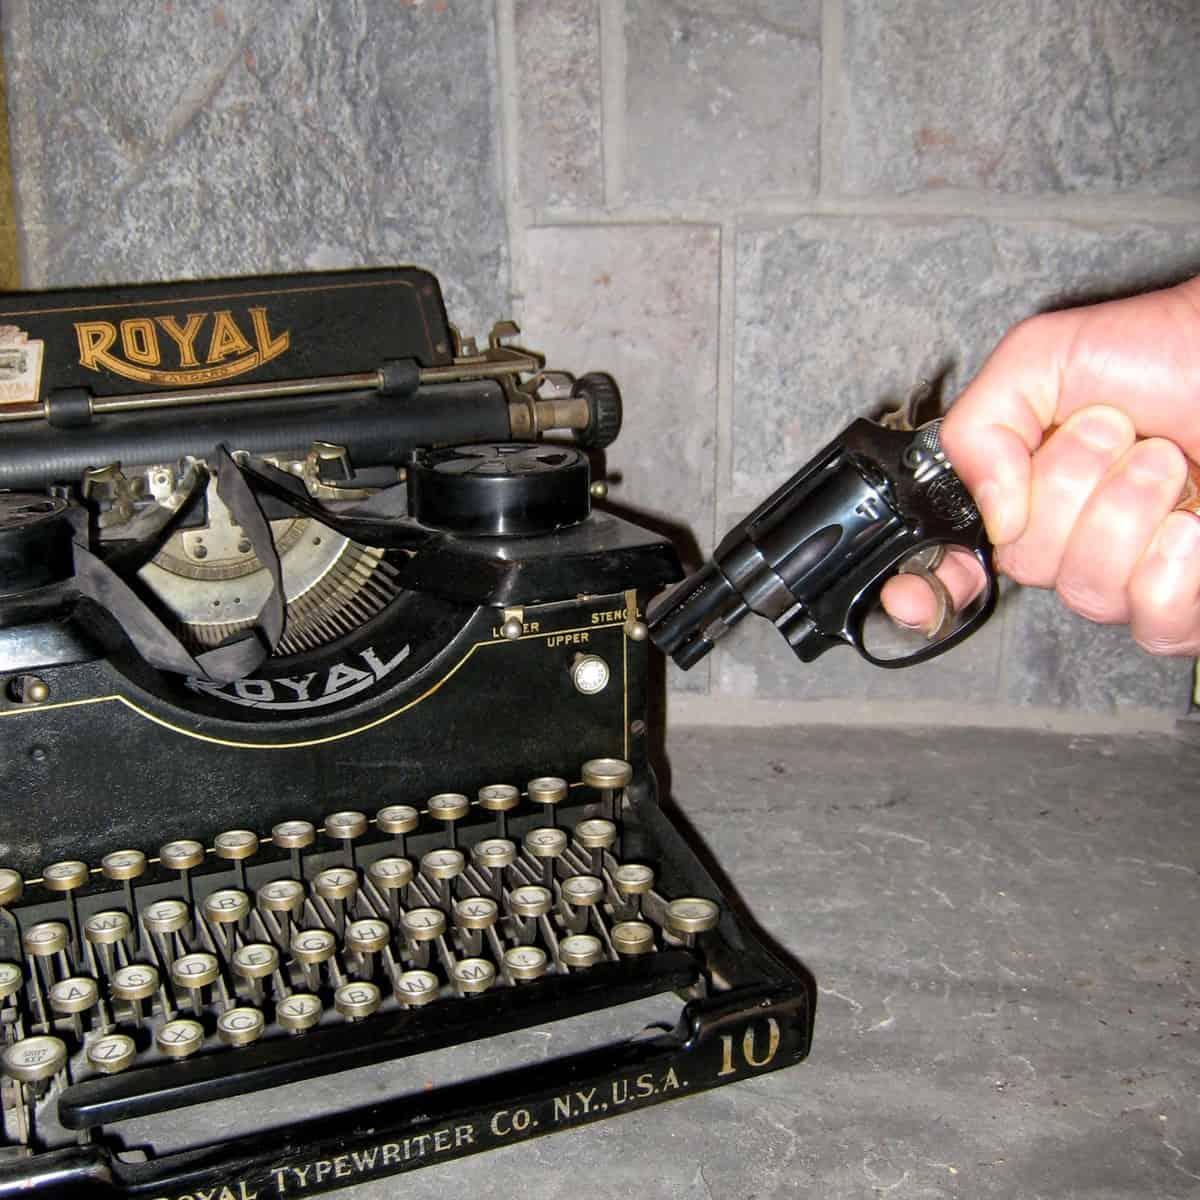 Typewriter and gun